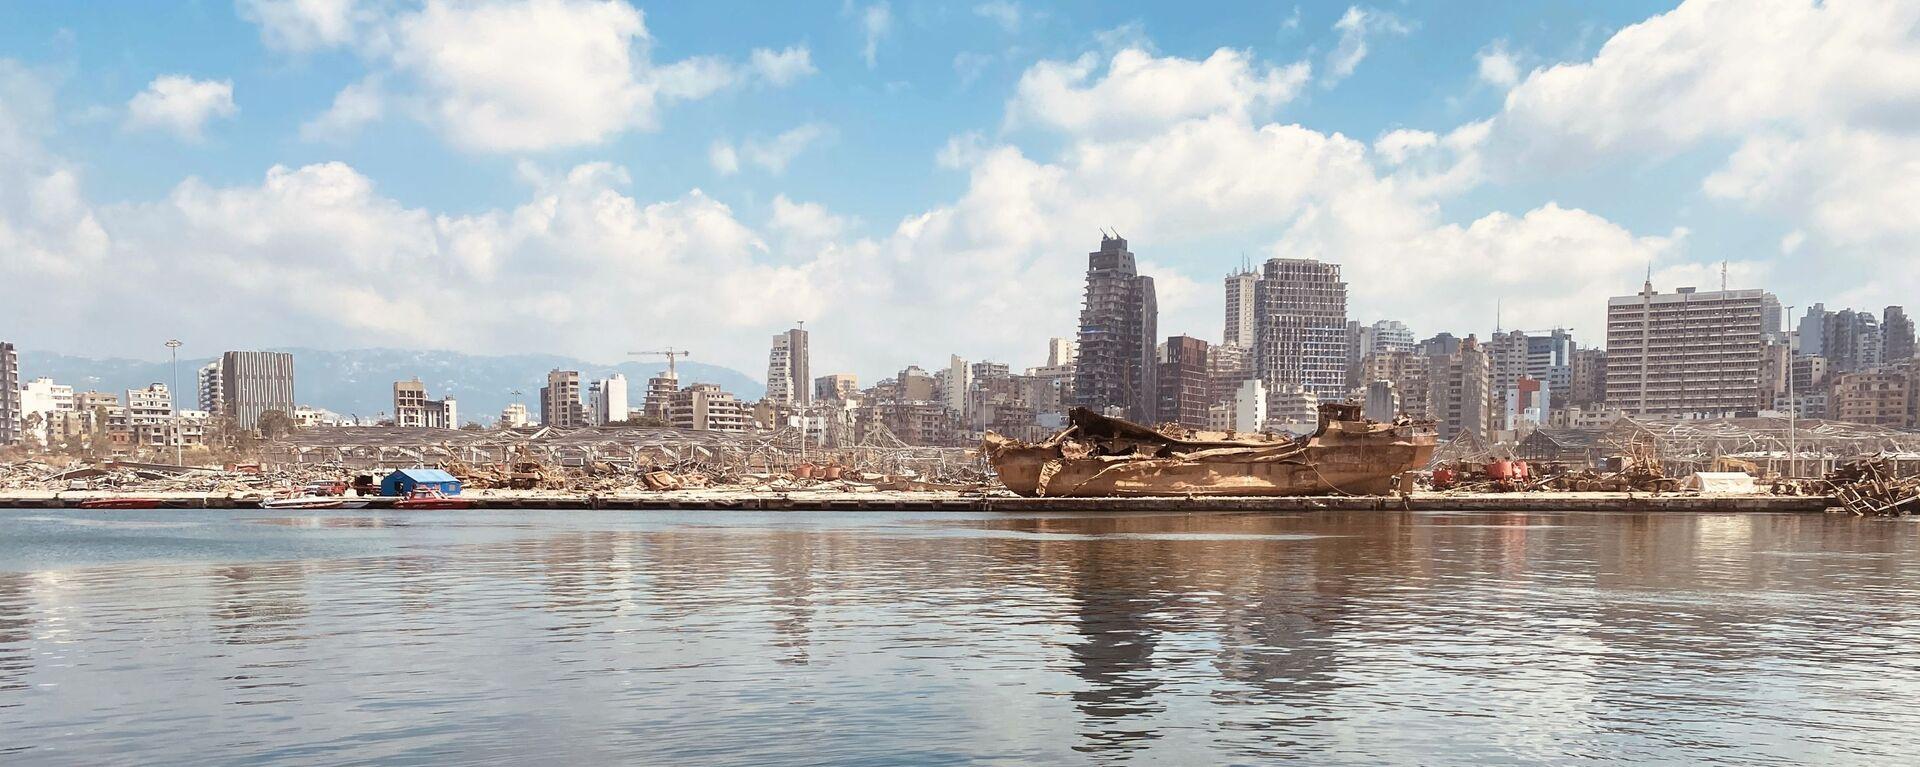 Beyrouth après l'explosion - Sputnik France, 1920, 09.07.2021